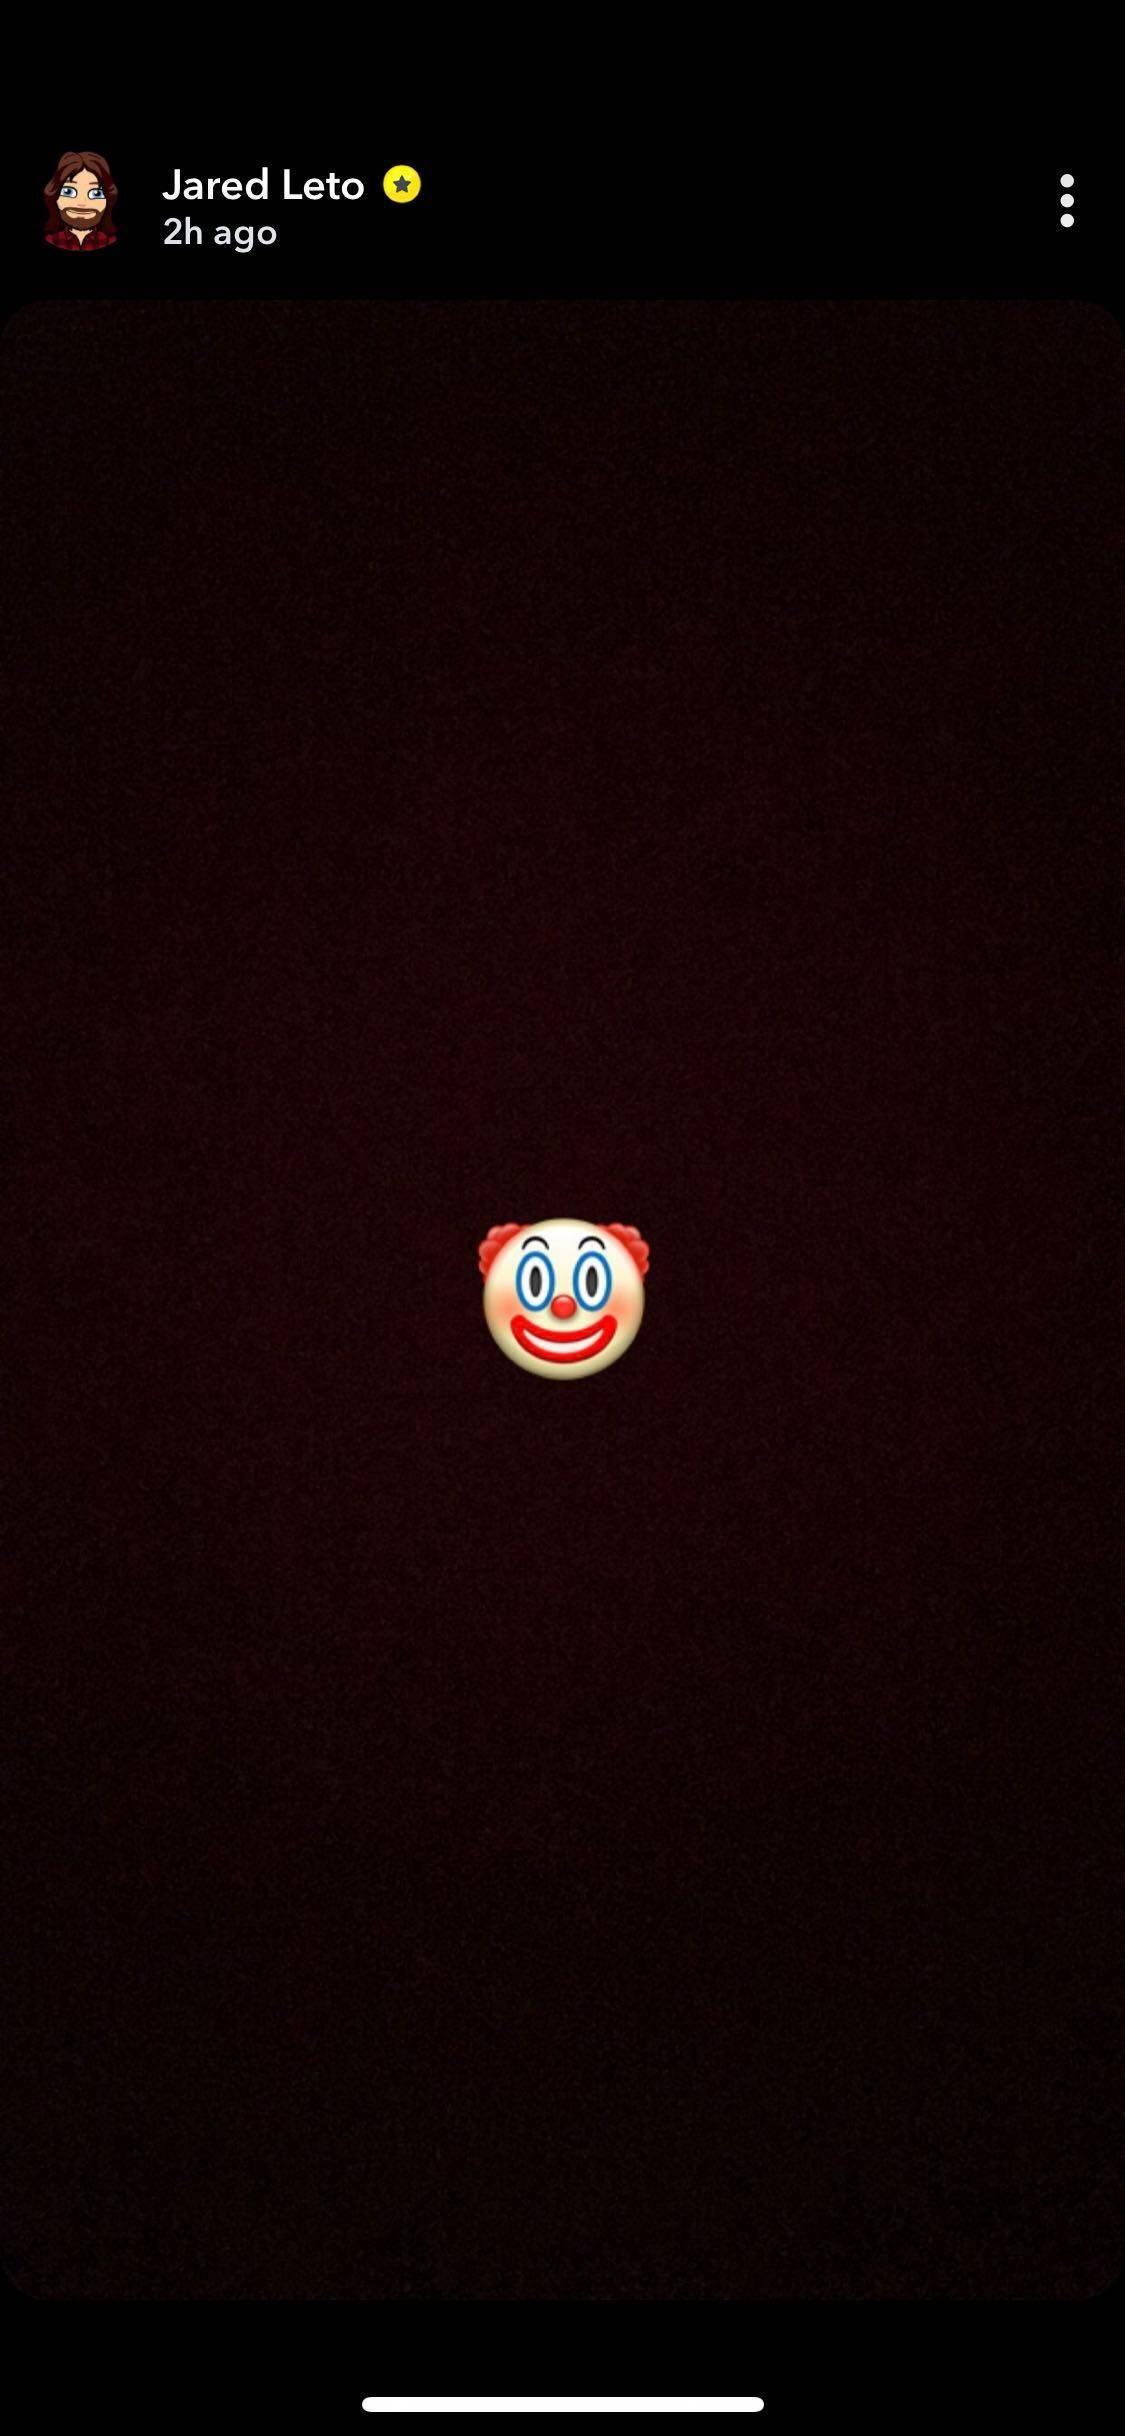 jared-leto-joker-tease-instagram-1165053.jpeg